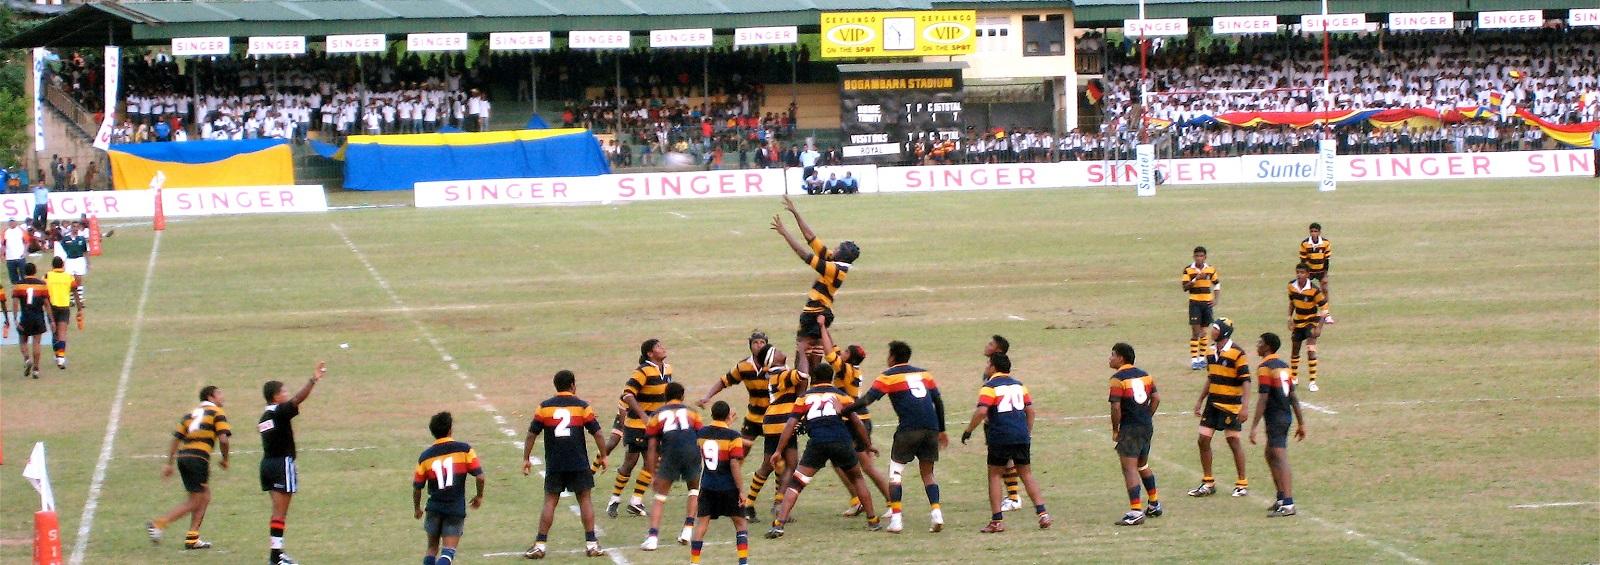 Rugby at Kandy's Bogambara Stadium (Photo courtesy Flikr user Isuru Senevi)